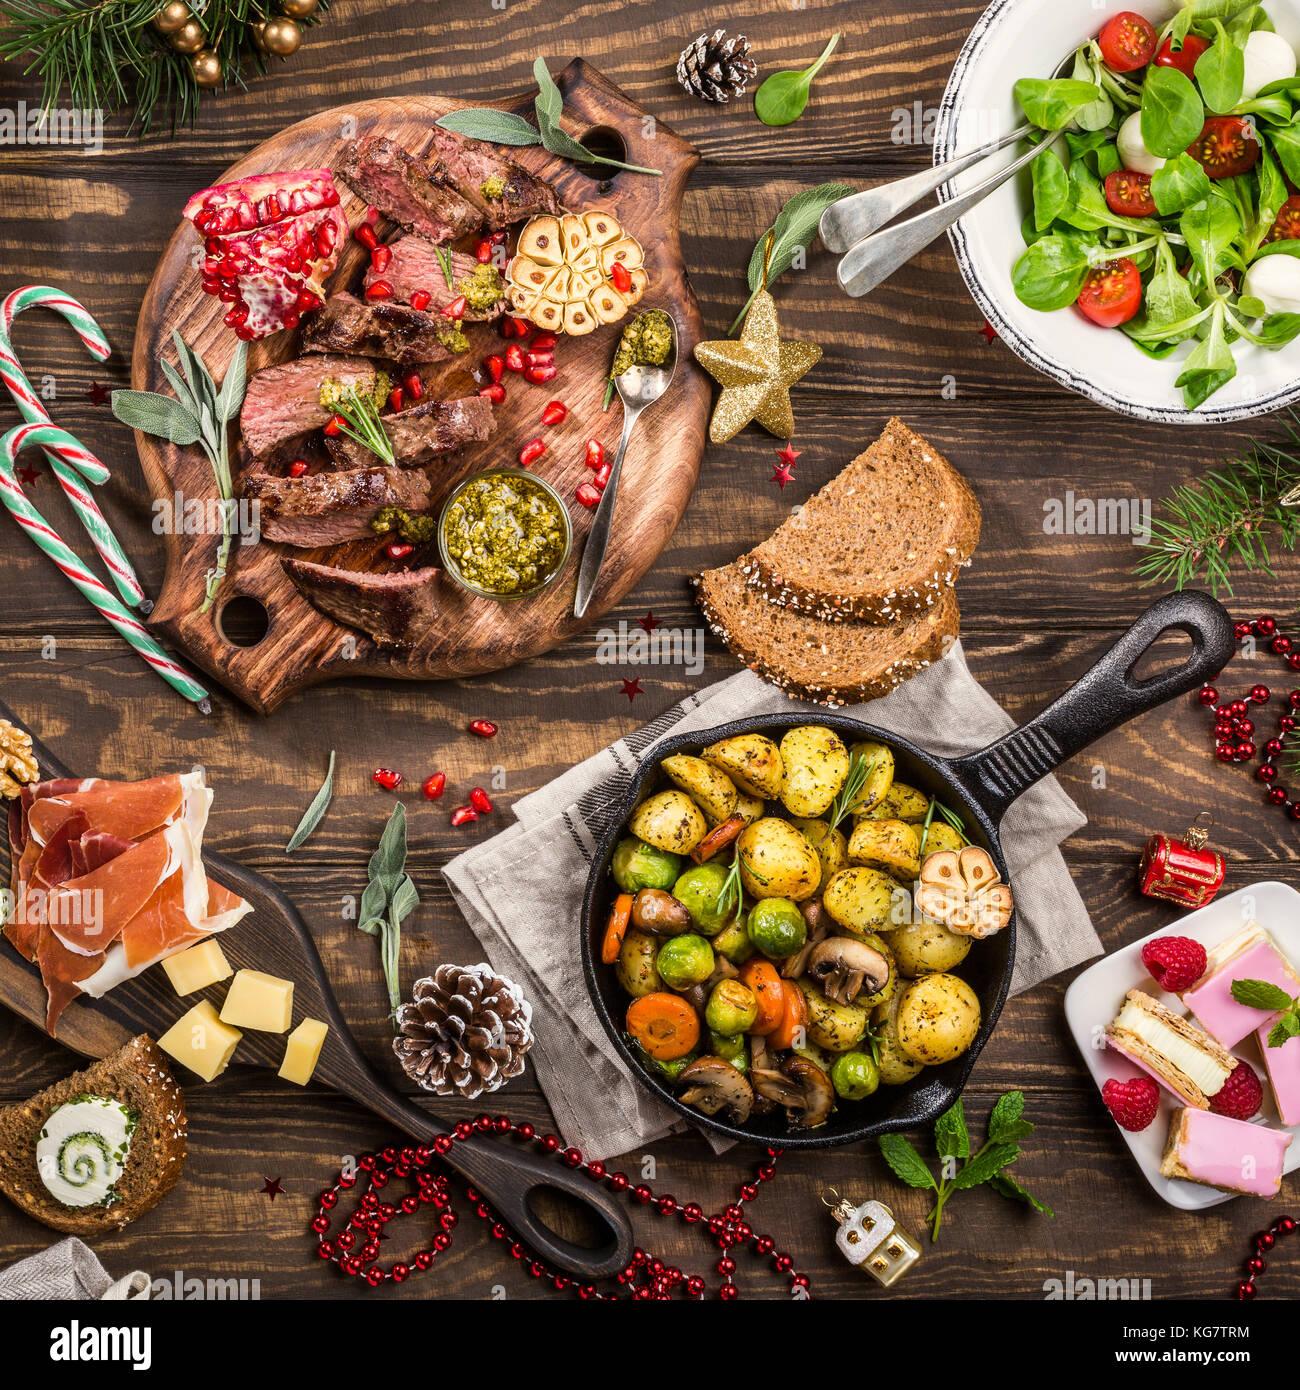 Table de dîner à thème de Noël Photo Stock